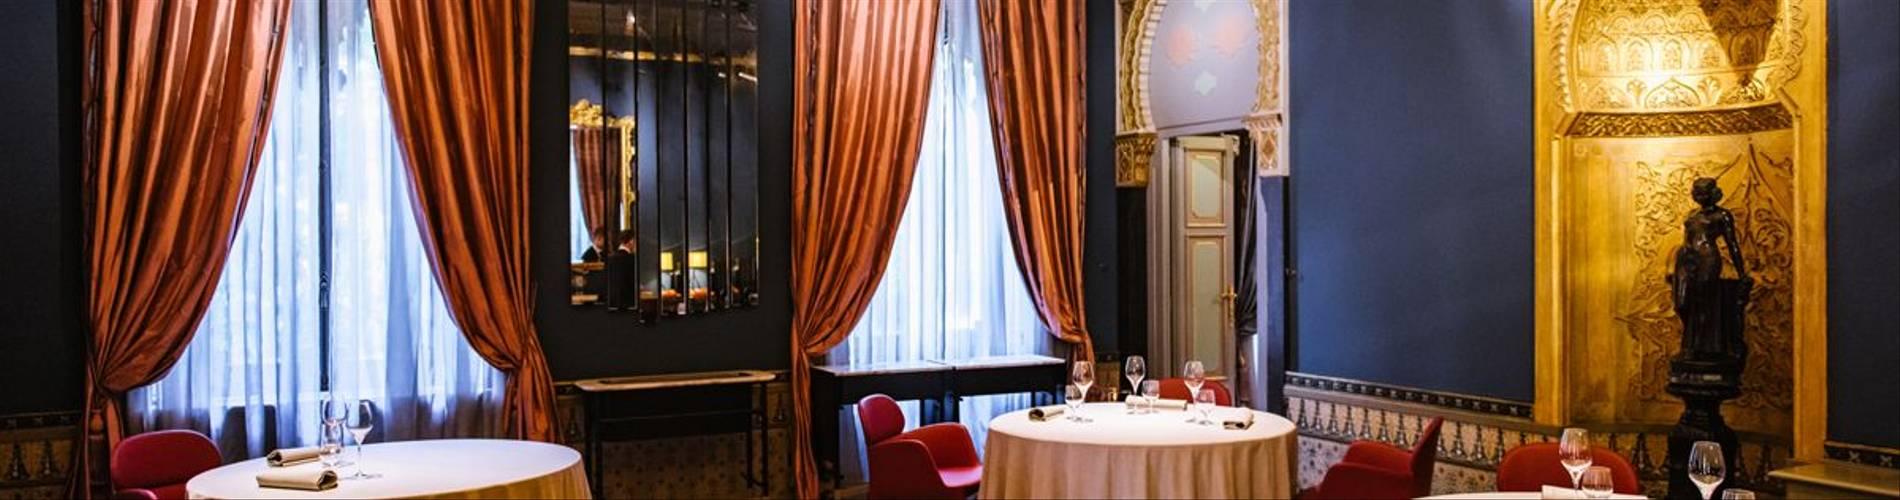 Restaurant dining room (1).jpg